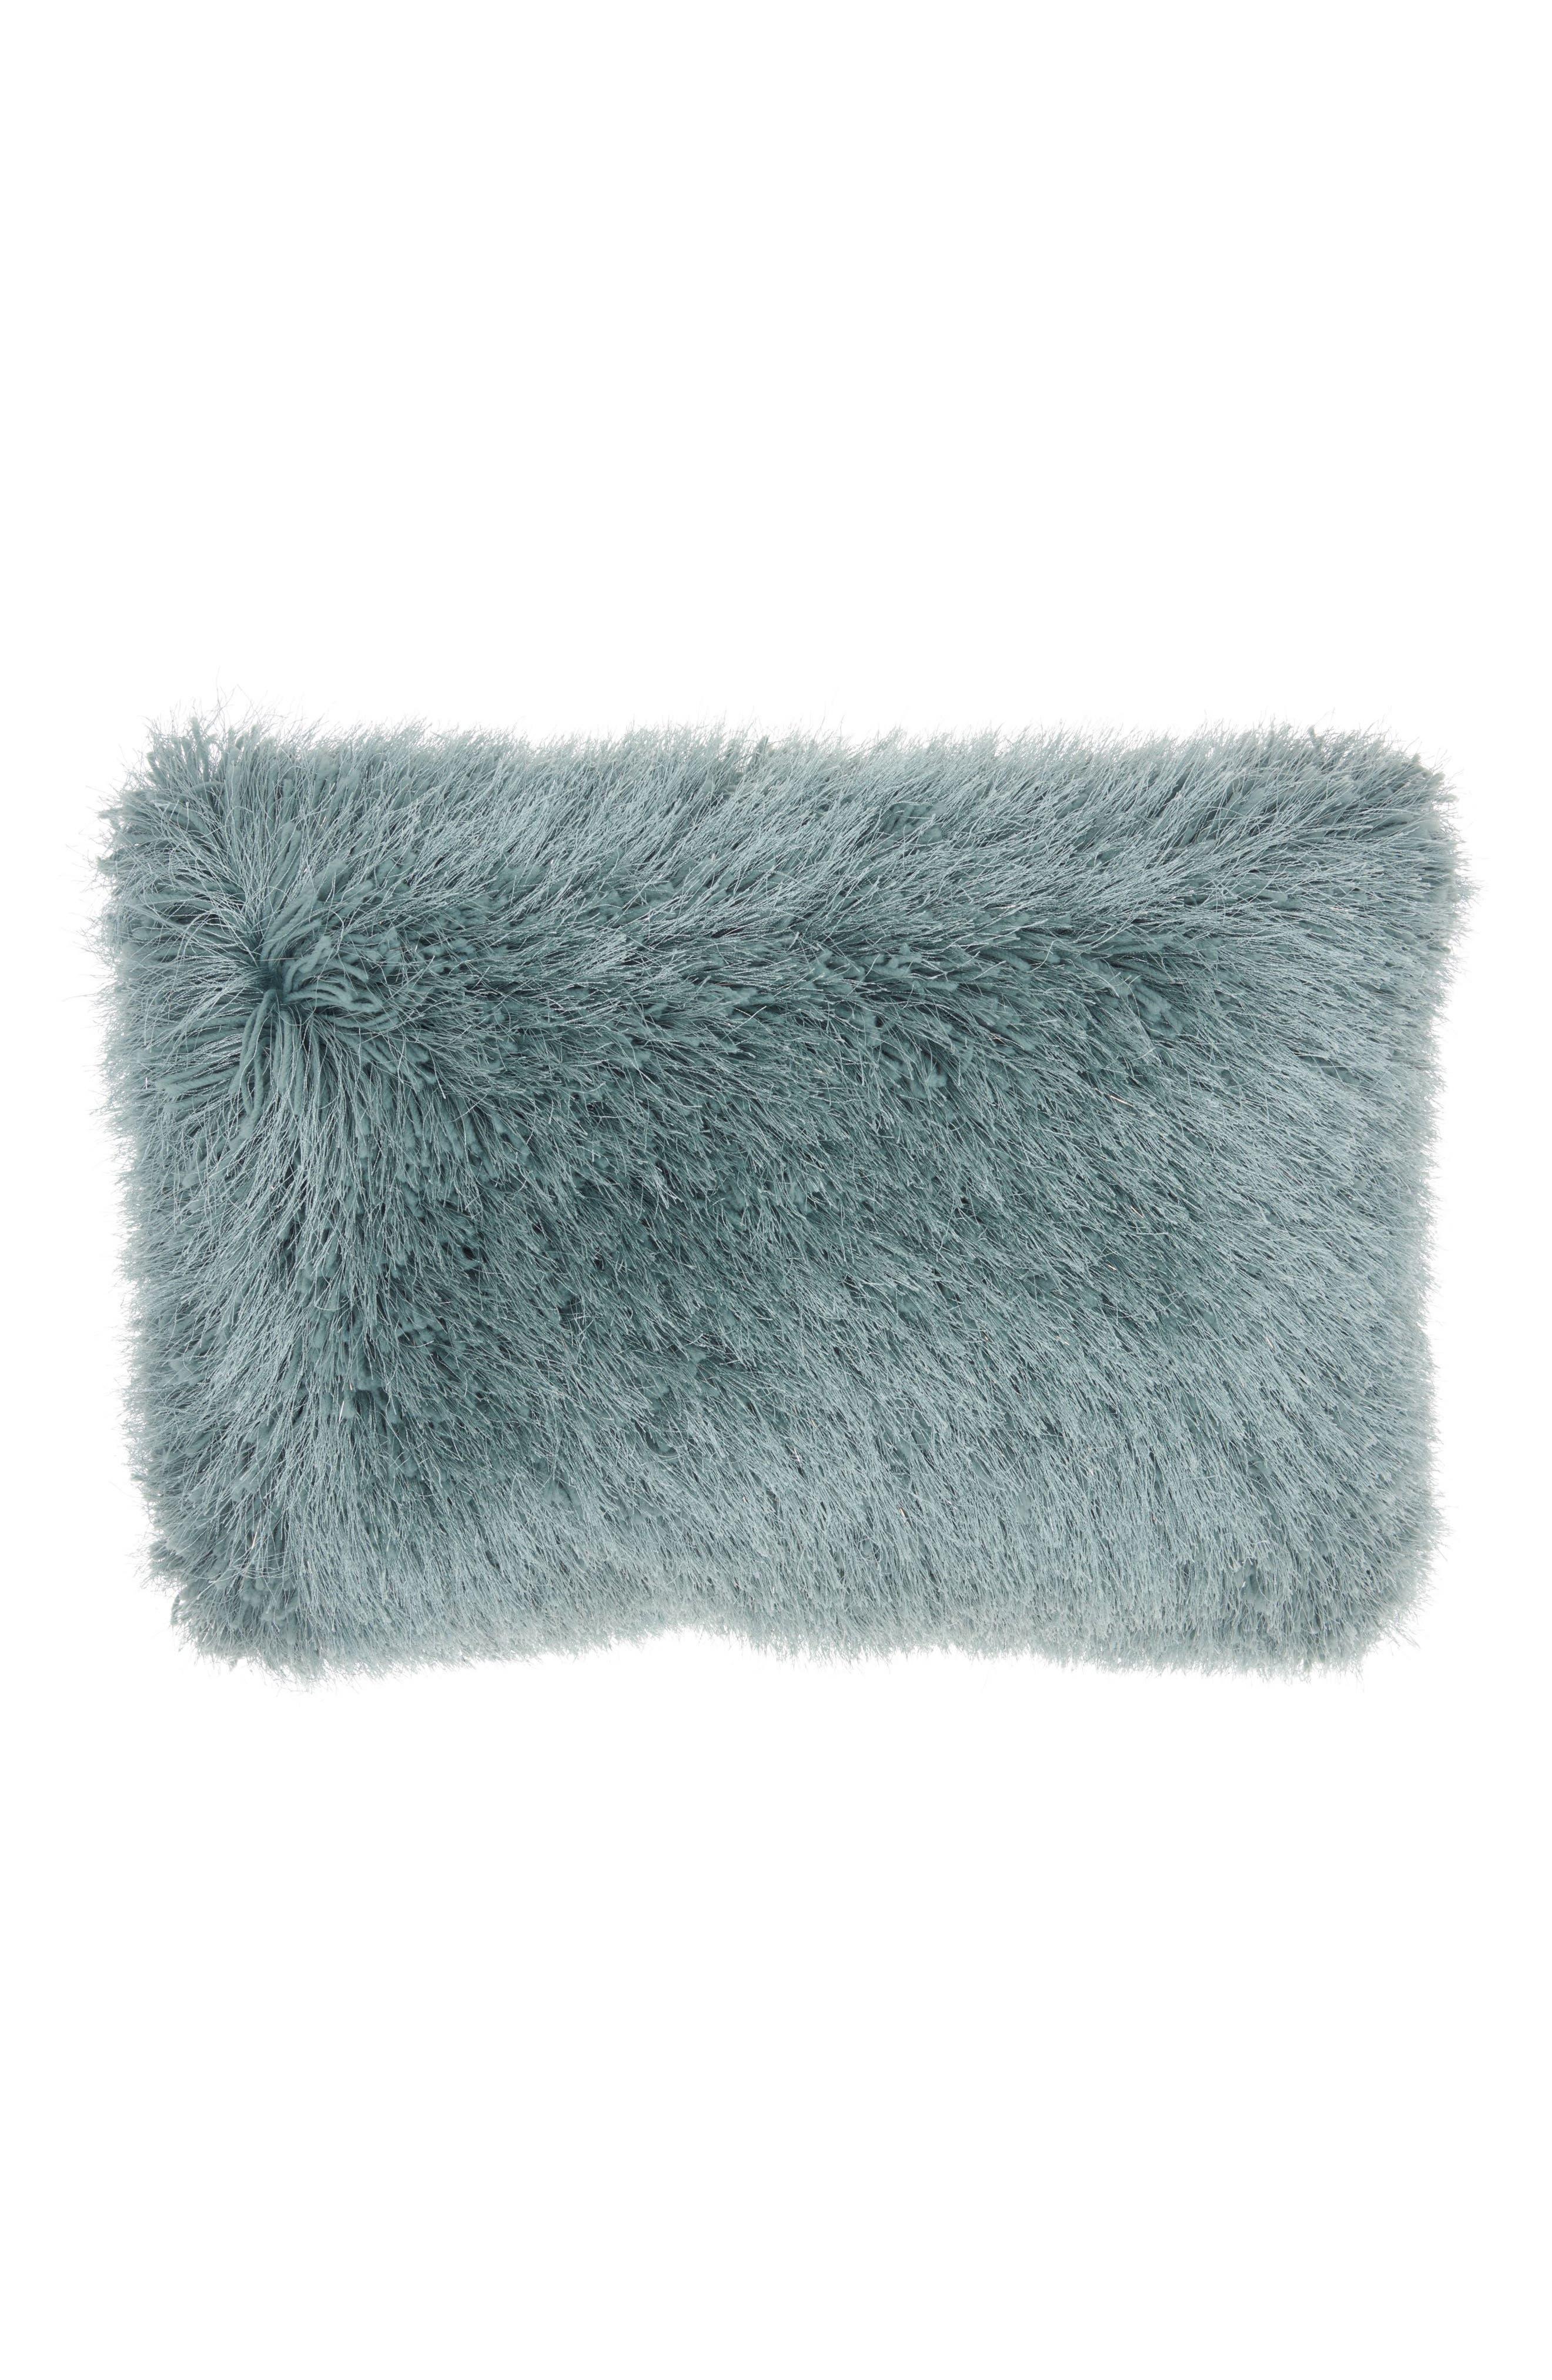 Yarn Shimmer Shag Pillow,                             Main thumbnail 1, color,                             Celadon